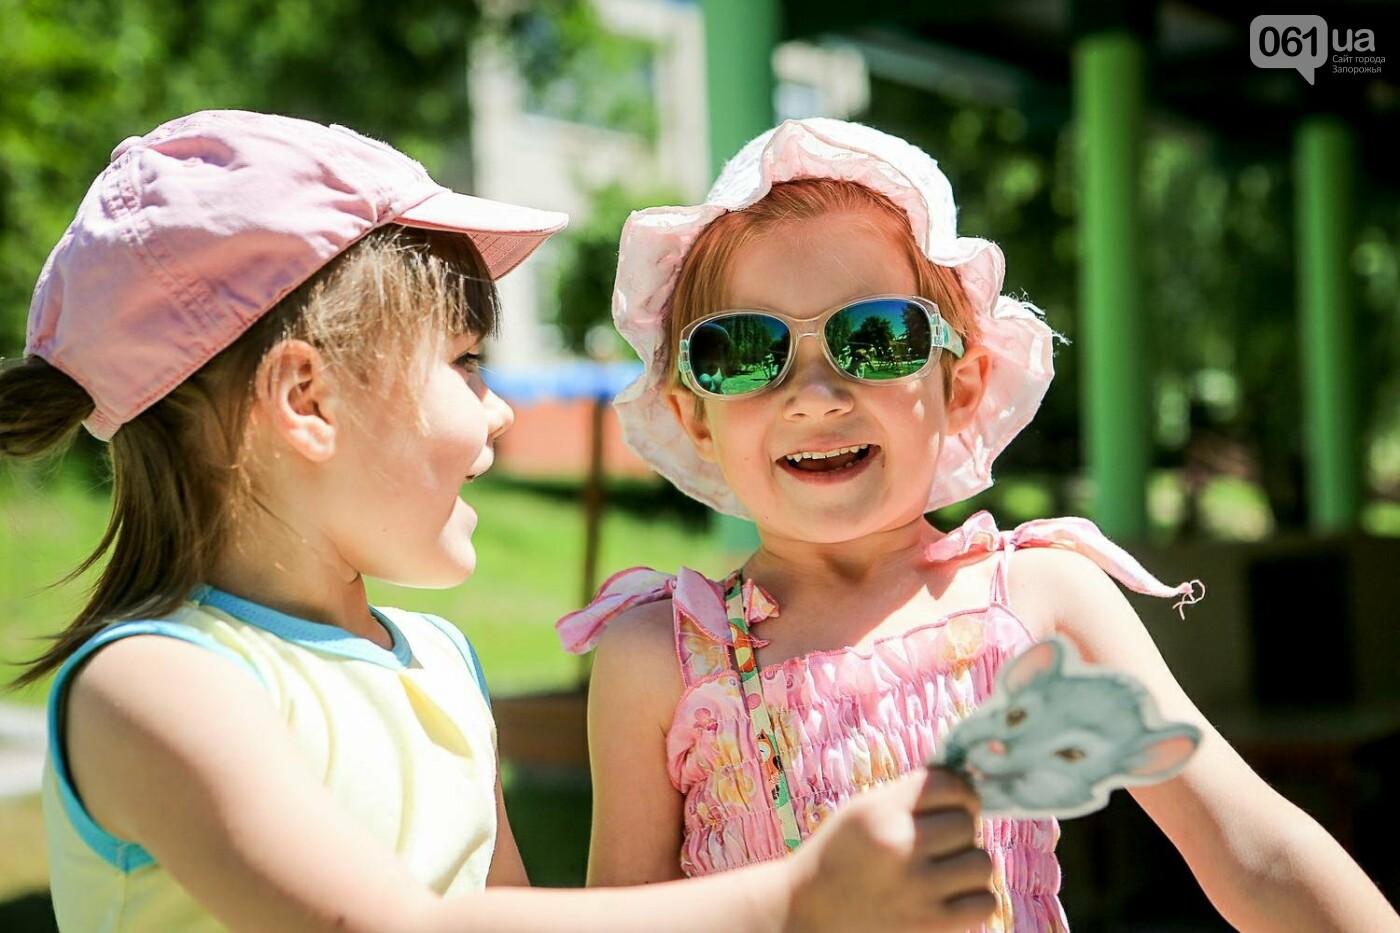 """О чем мечтают дети - фоторепортаж из дома ребенка """"Солнышко"""", фото-29"""